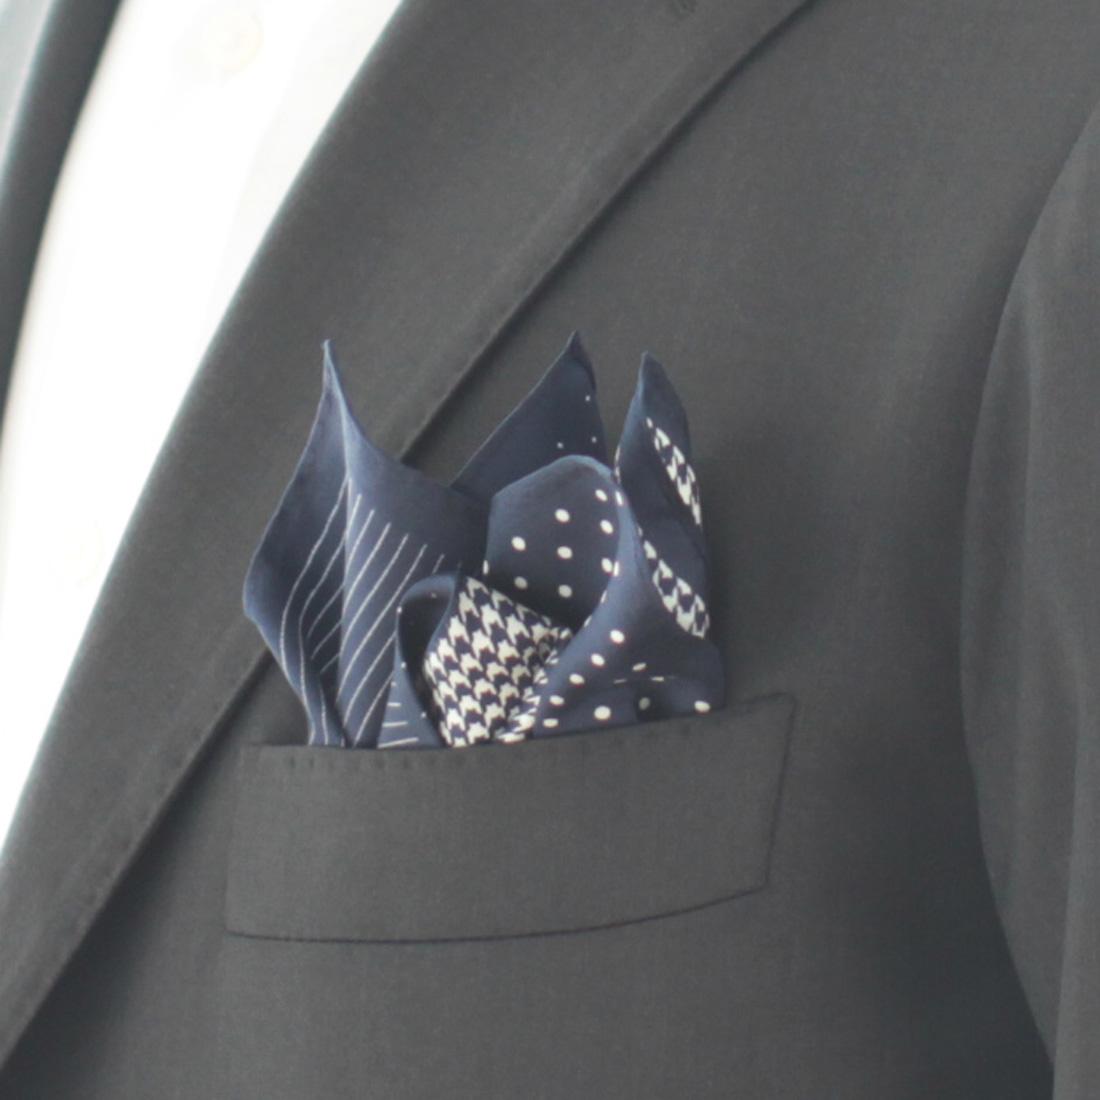 ポケットチーフ 4 patterns 5255 ネイビー